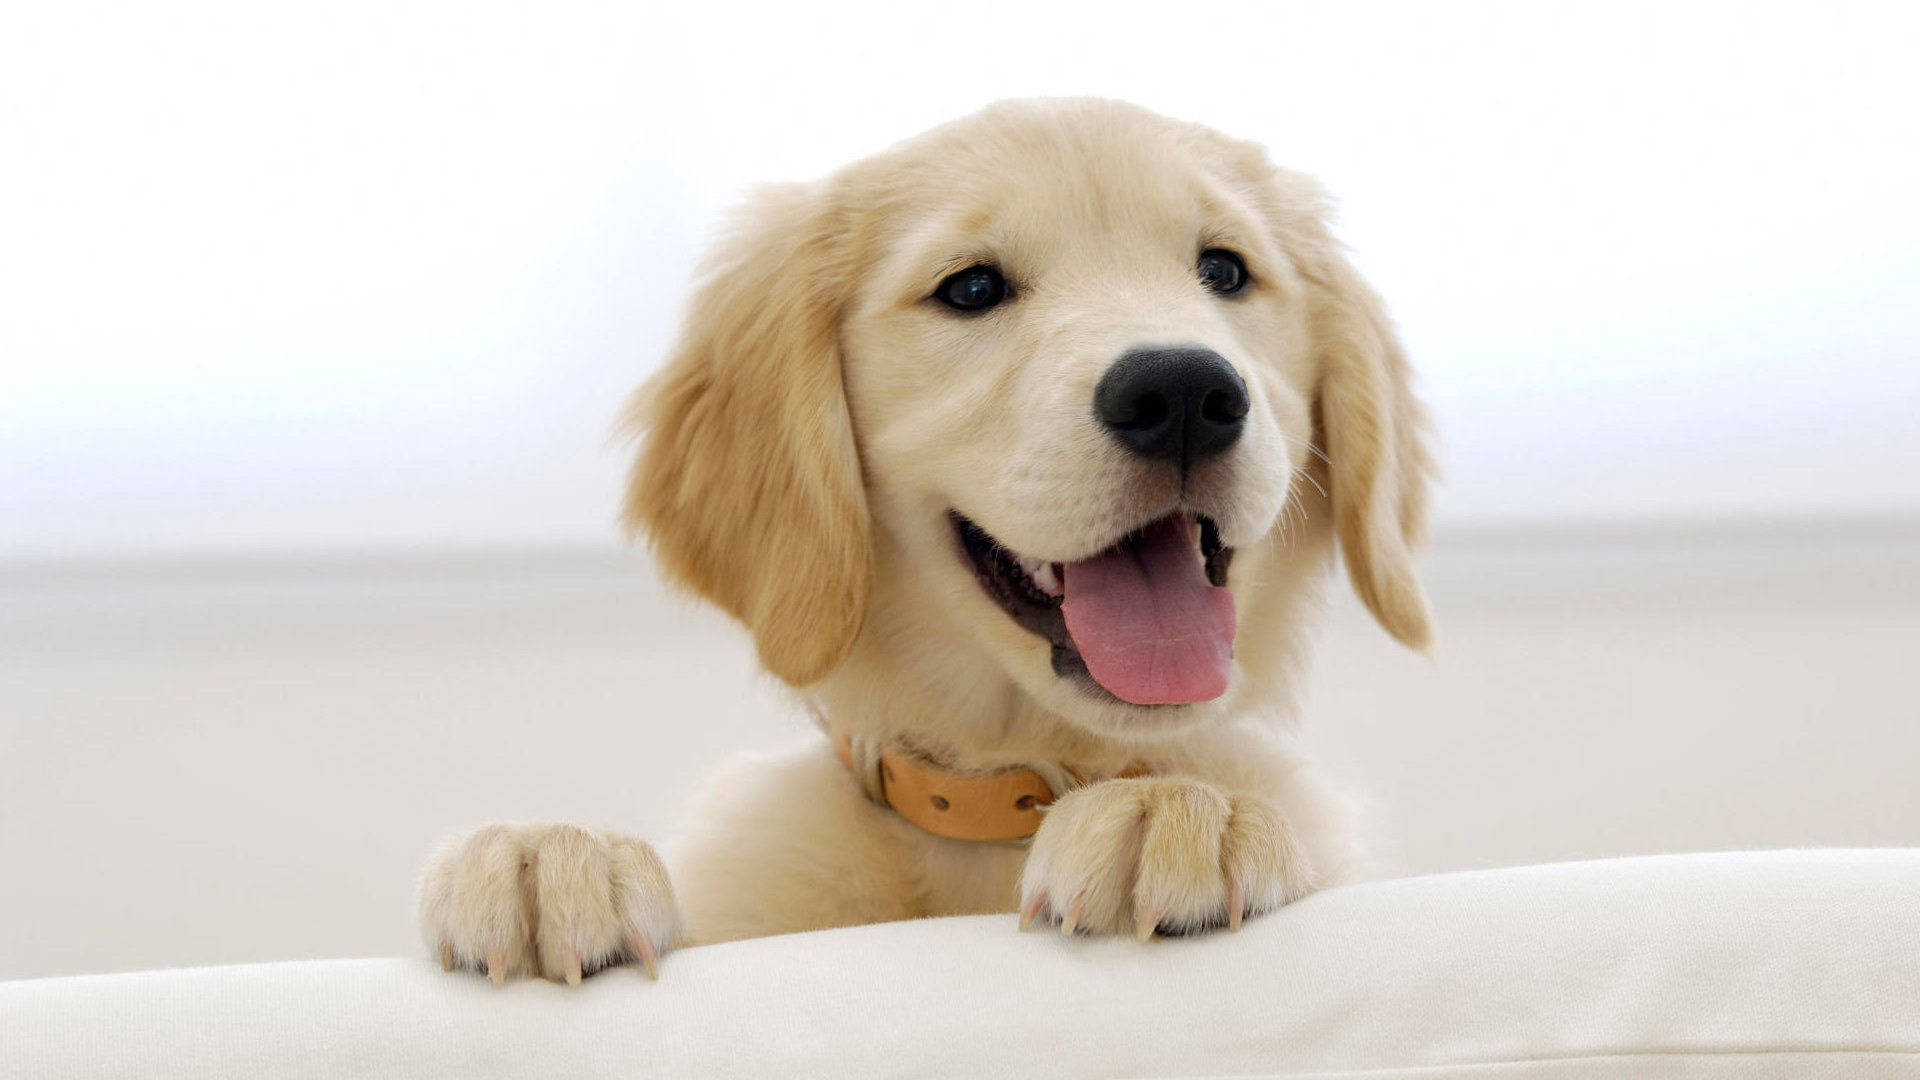 Image de chien a imprimer en couleur image de - Dessin golden retriever ...